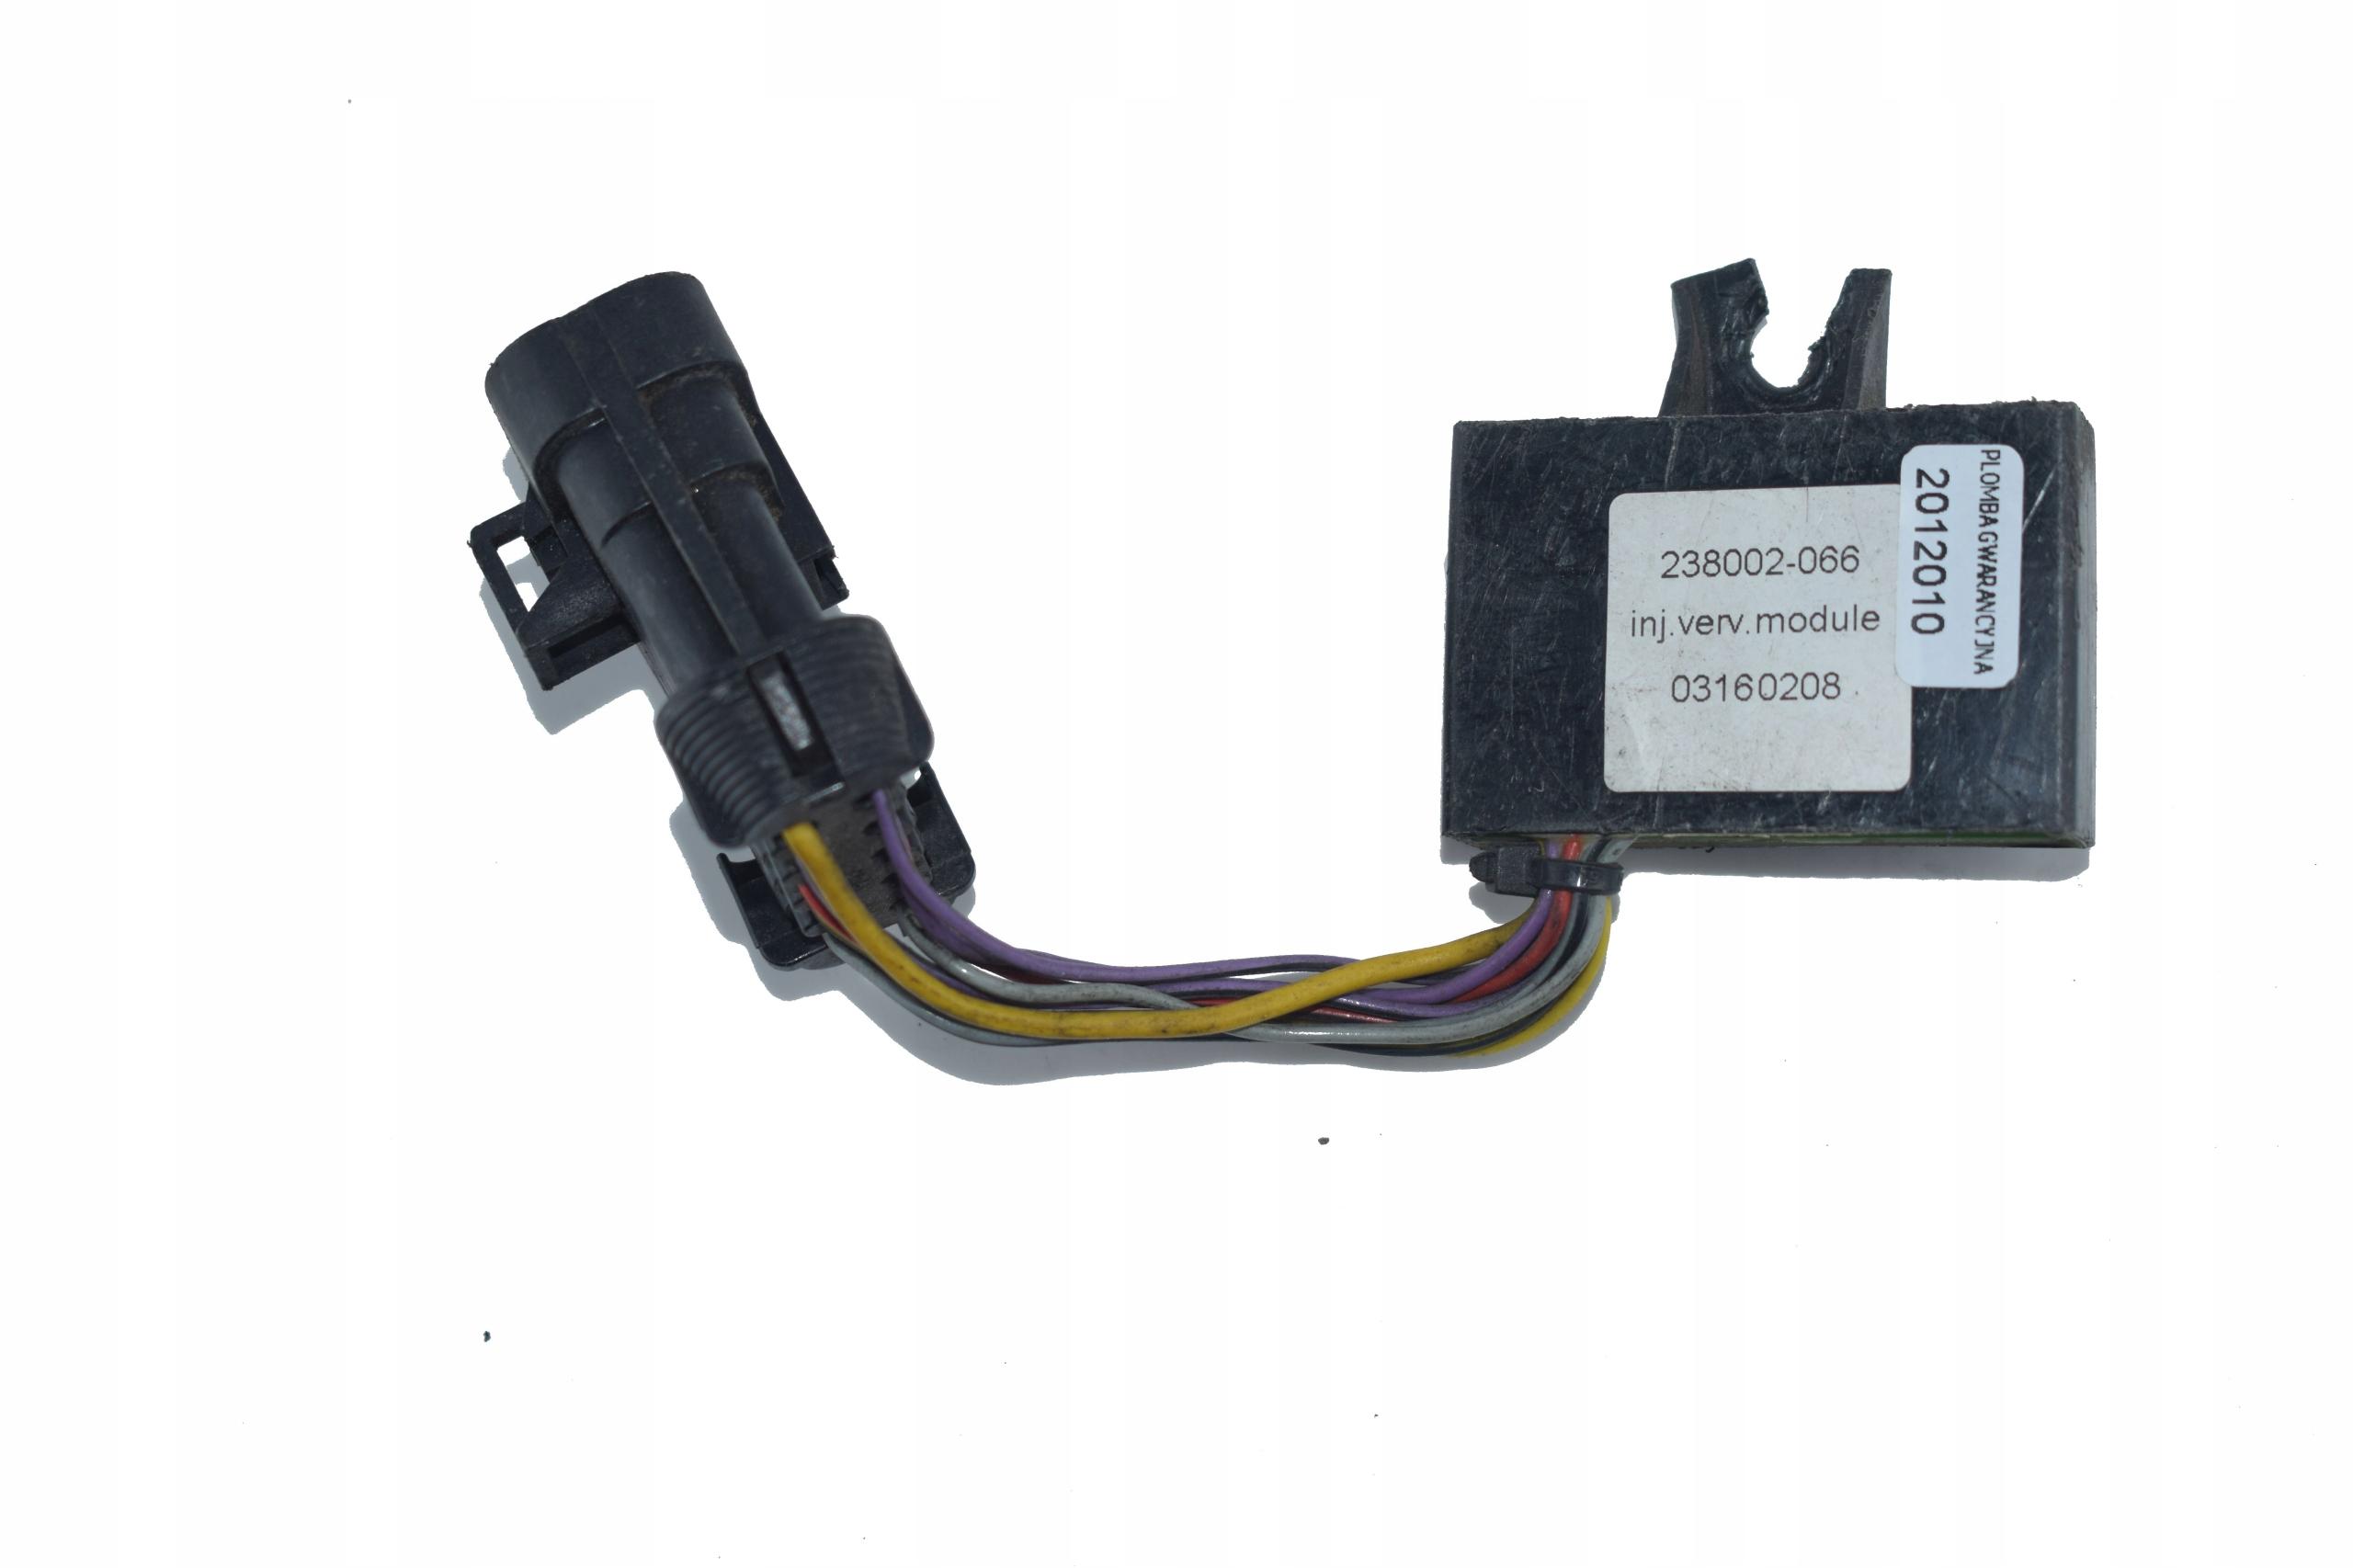 238002-066 эмулятор форсунок gsi koltec necam